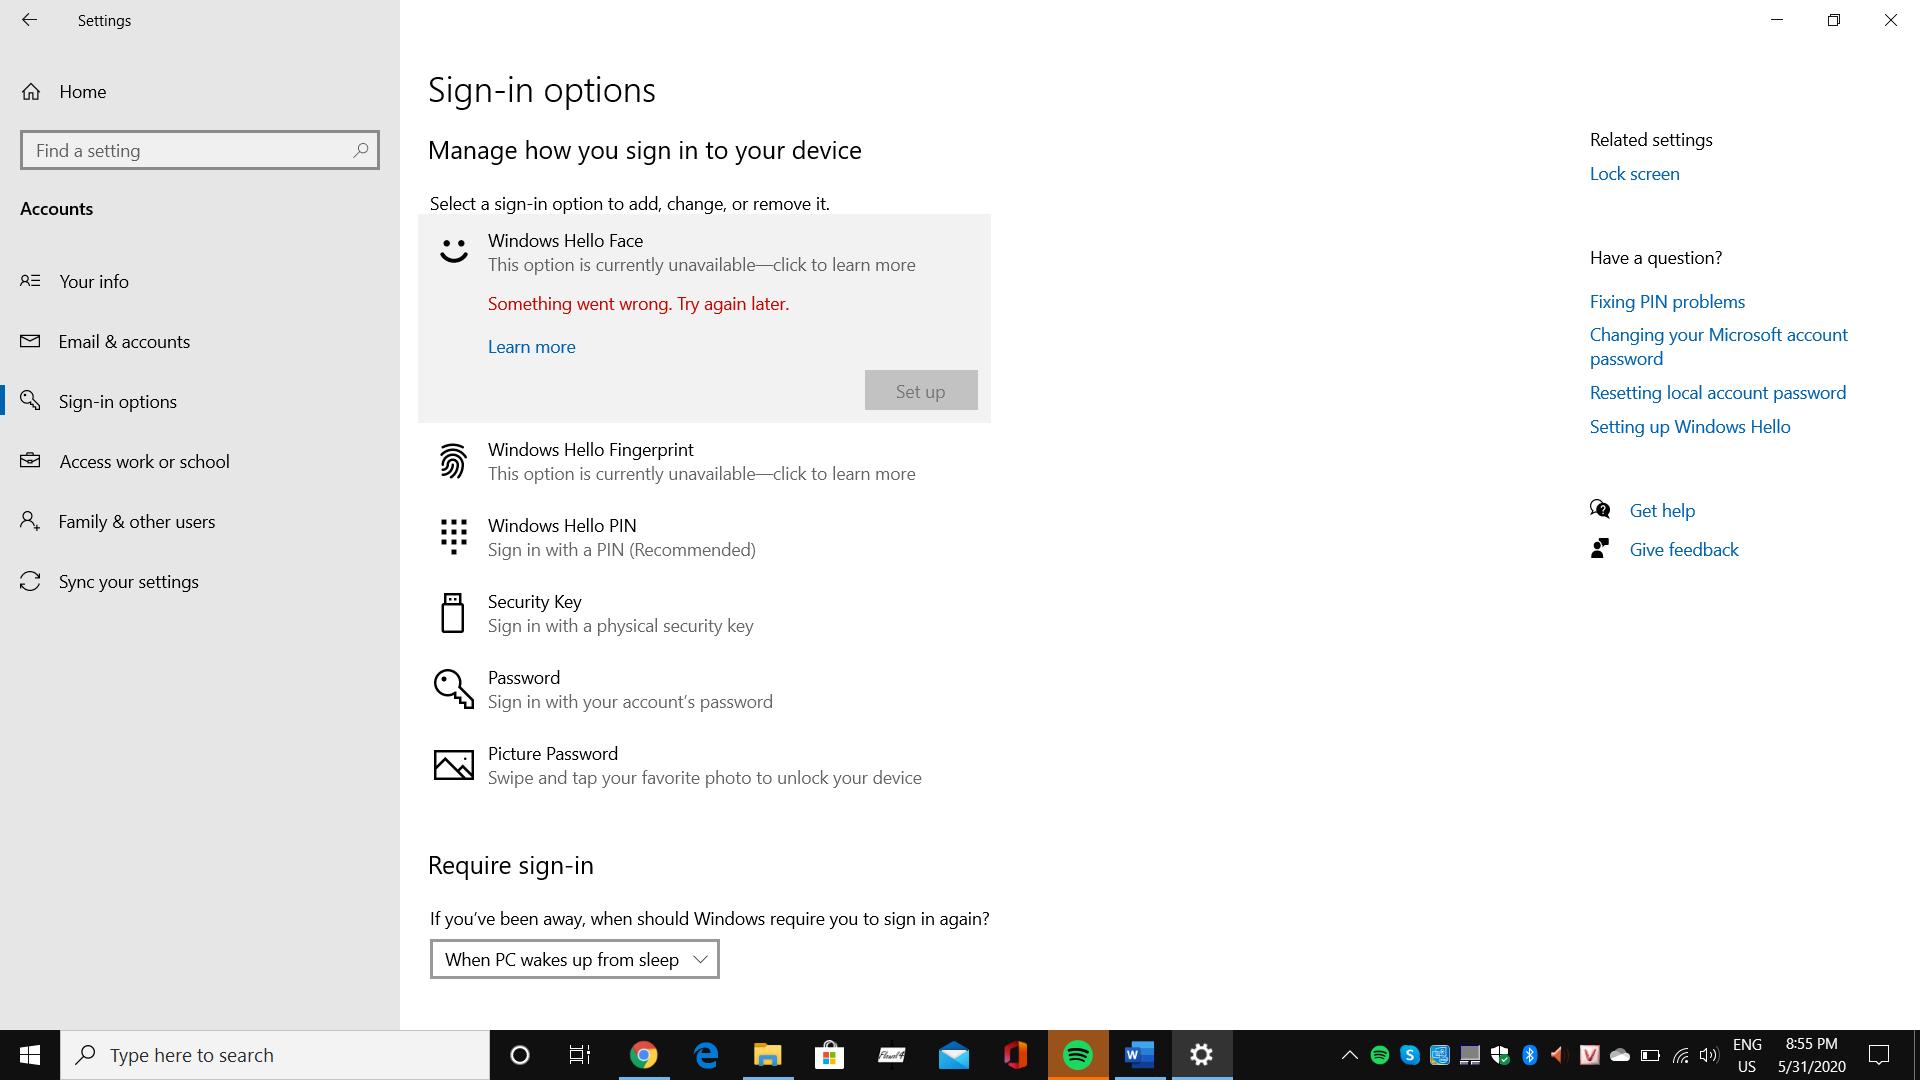 Windows Hello Face and fingerprint error 75409acc-311c-4935-acbb-f38d28946ada?upload=true.png